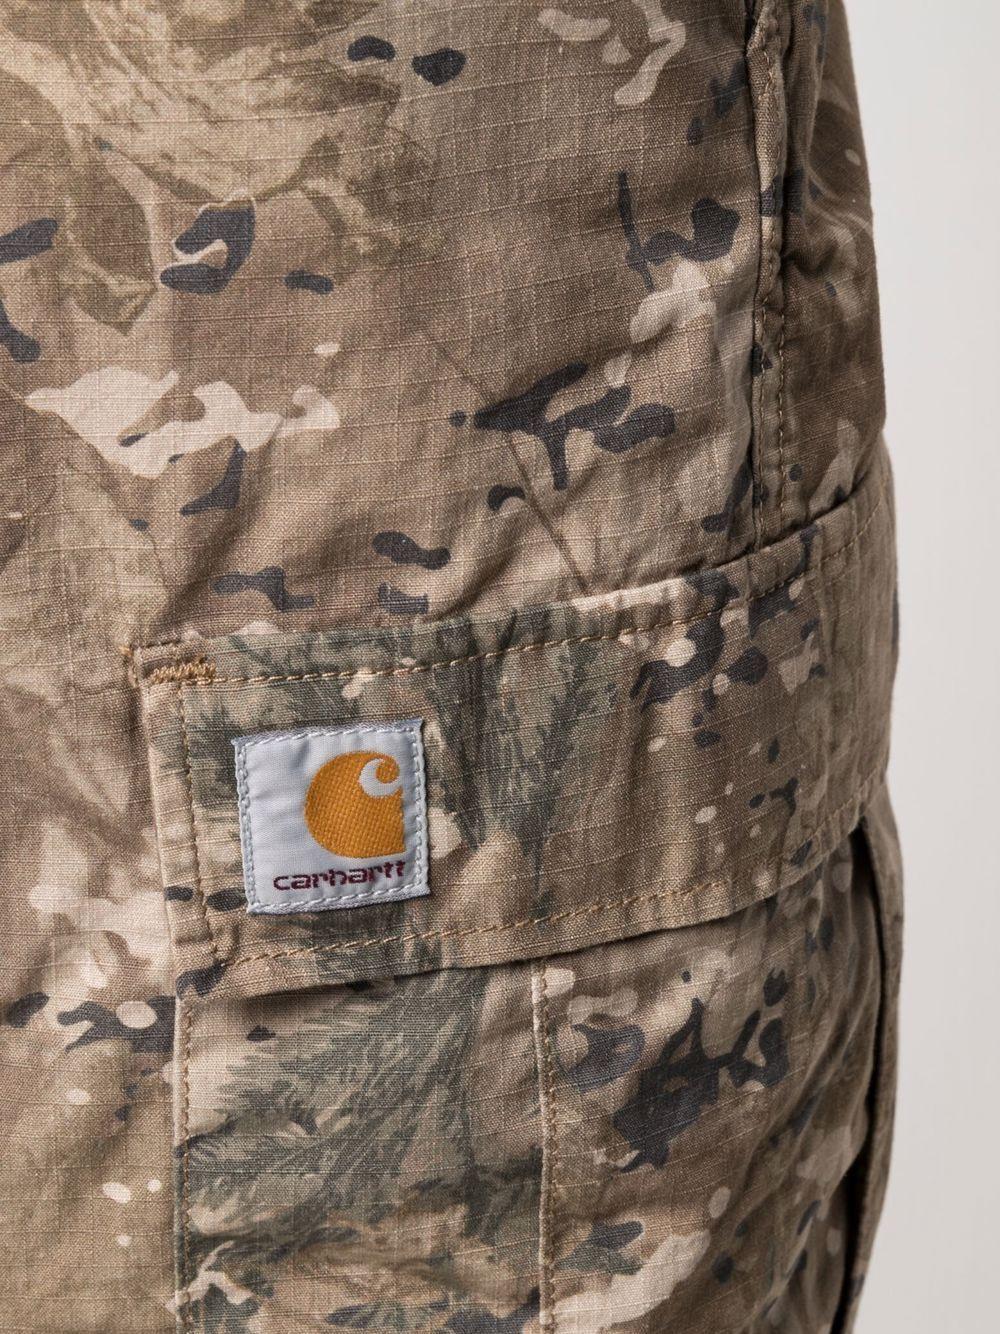 Carhartt Wip avation shorts man cargo CARHARTT WIP | Shorts | I0097580BW.02